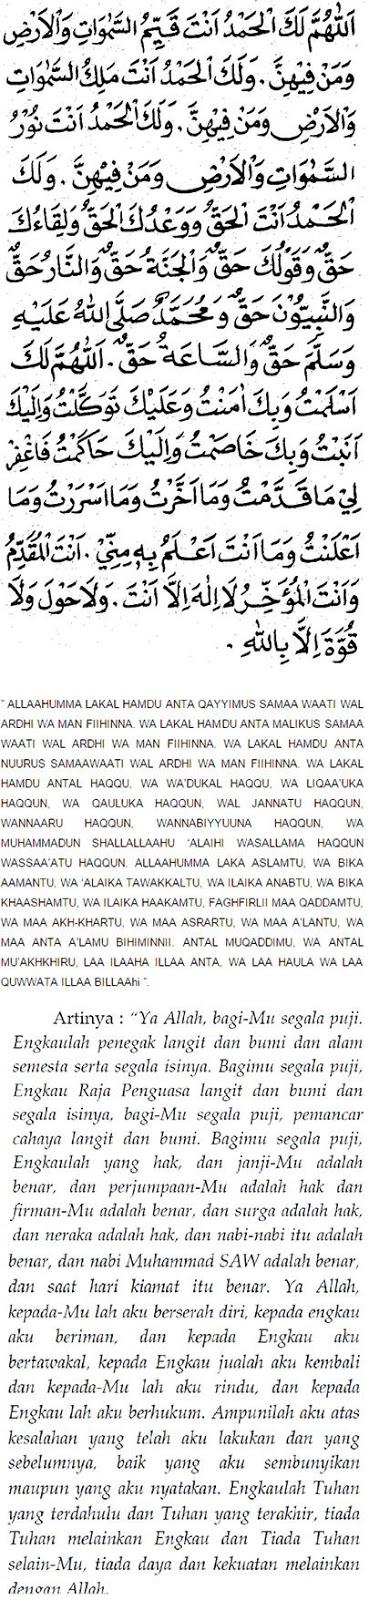 Bacaan Doa Sholat Tahajud Yang Benar lengkap Sesuai Sunnah Arab Latin Dan Terjemahannya